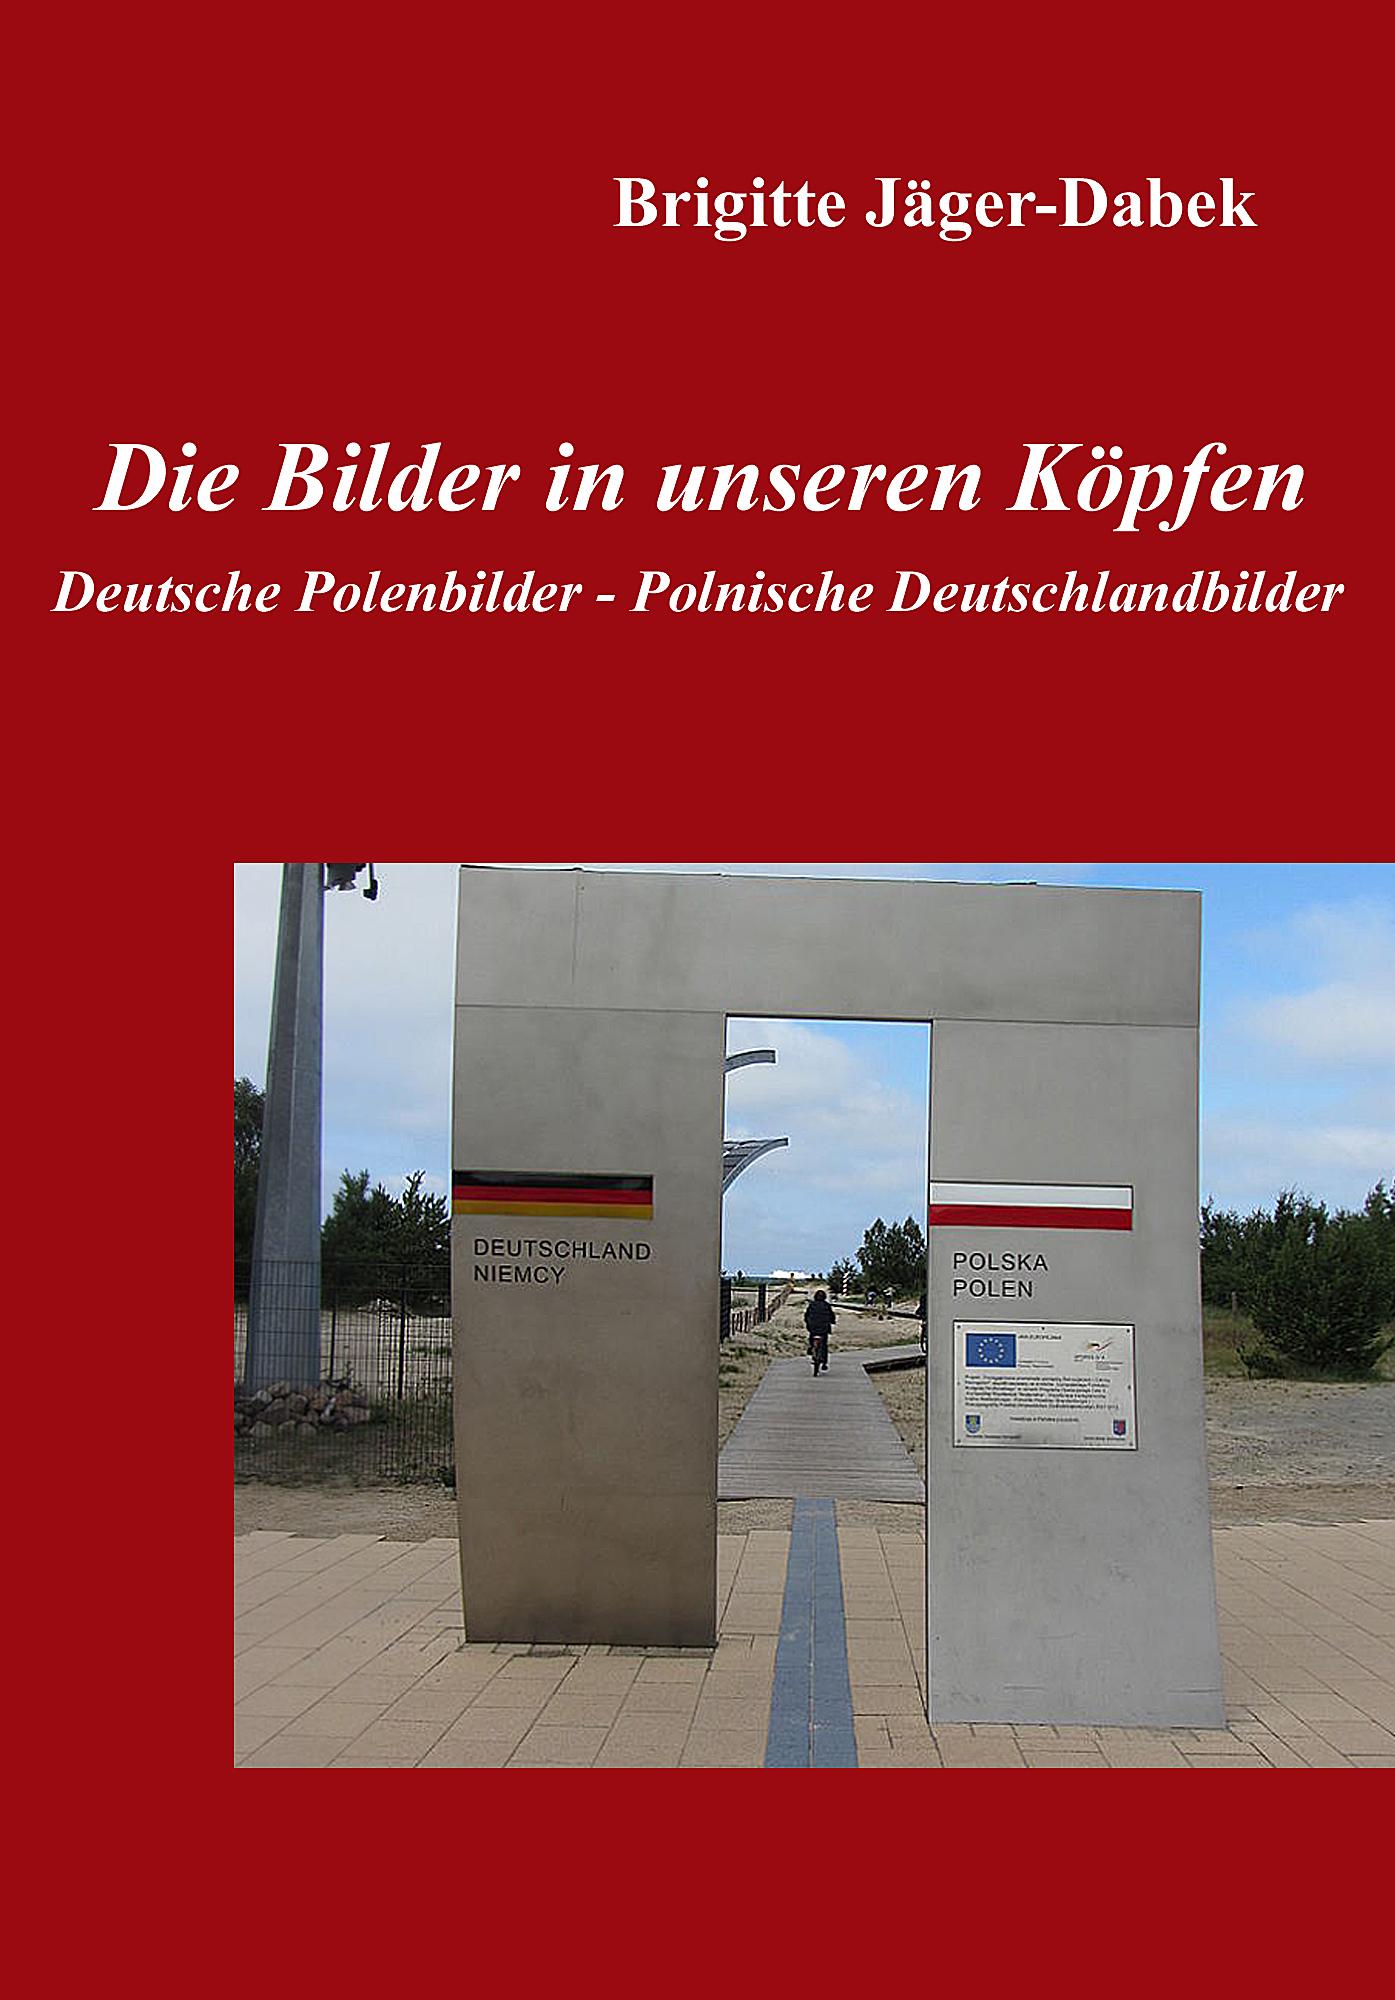 Die Bilder in unseren Köpfen, Cover, Deutschlandbilder, Polenbilder